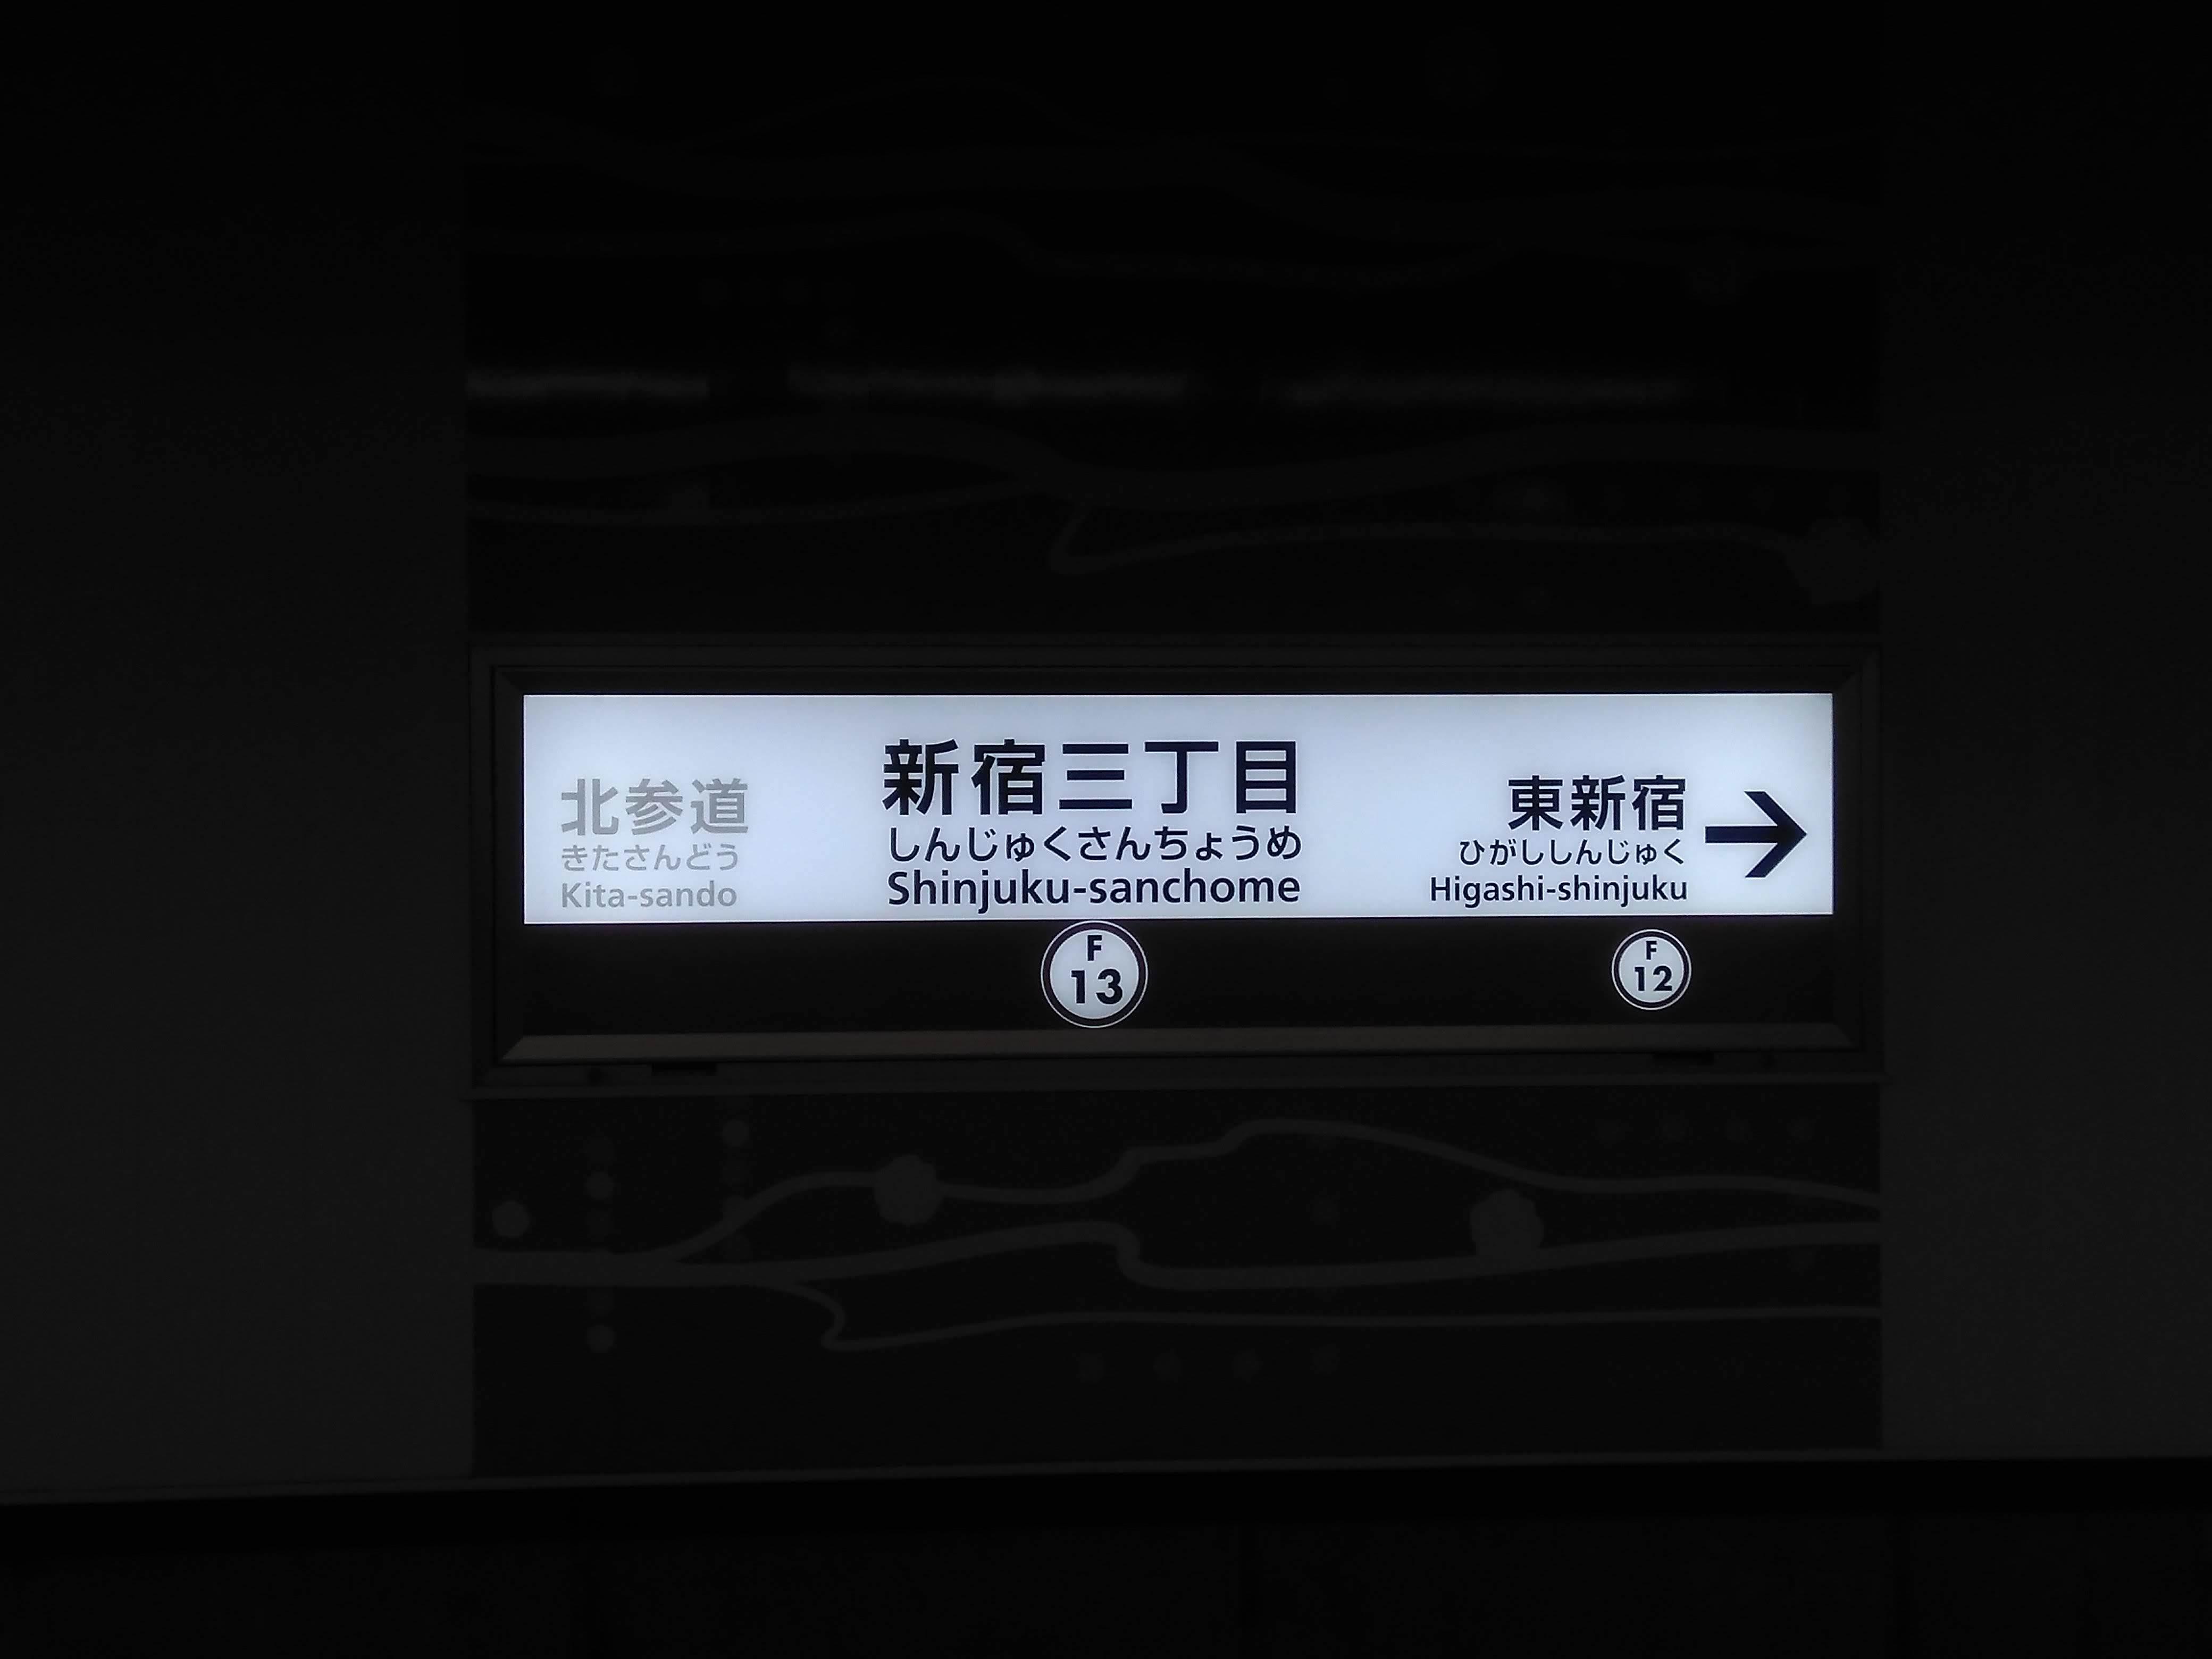 メトロ都営一日乗車券の旅ー2_a0329563_12575103.jpg